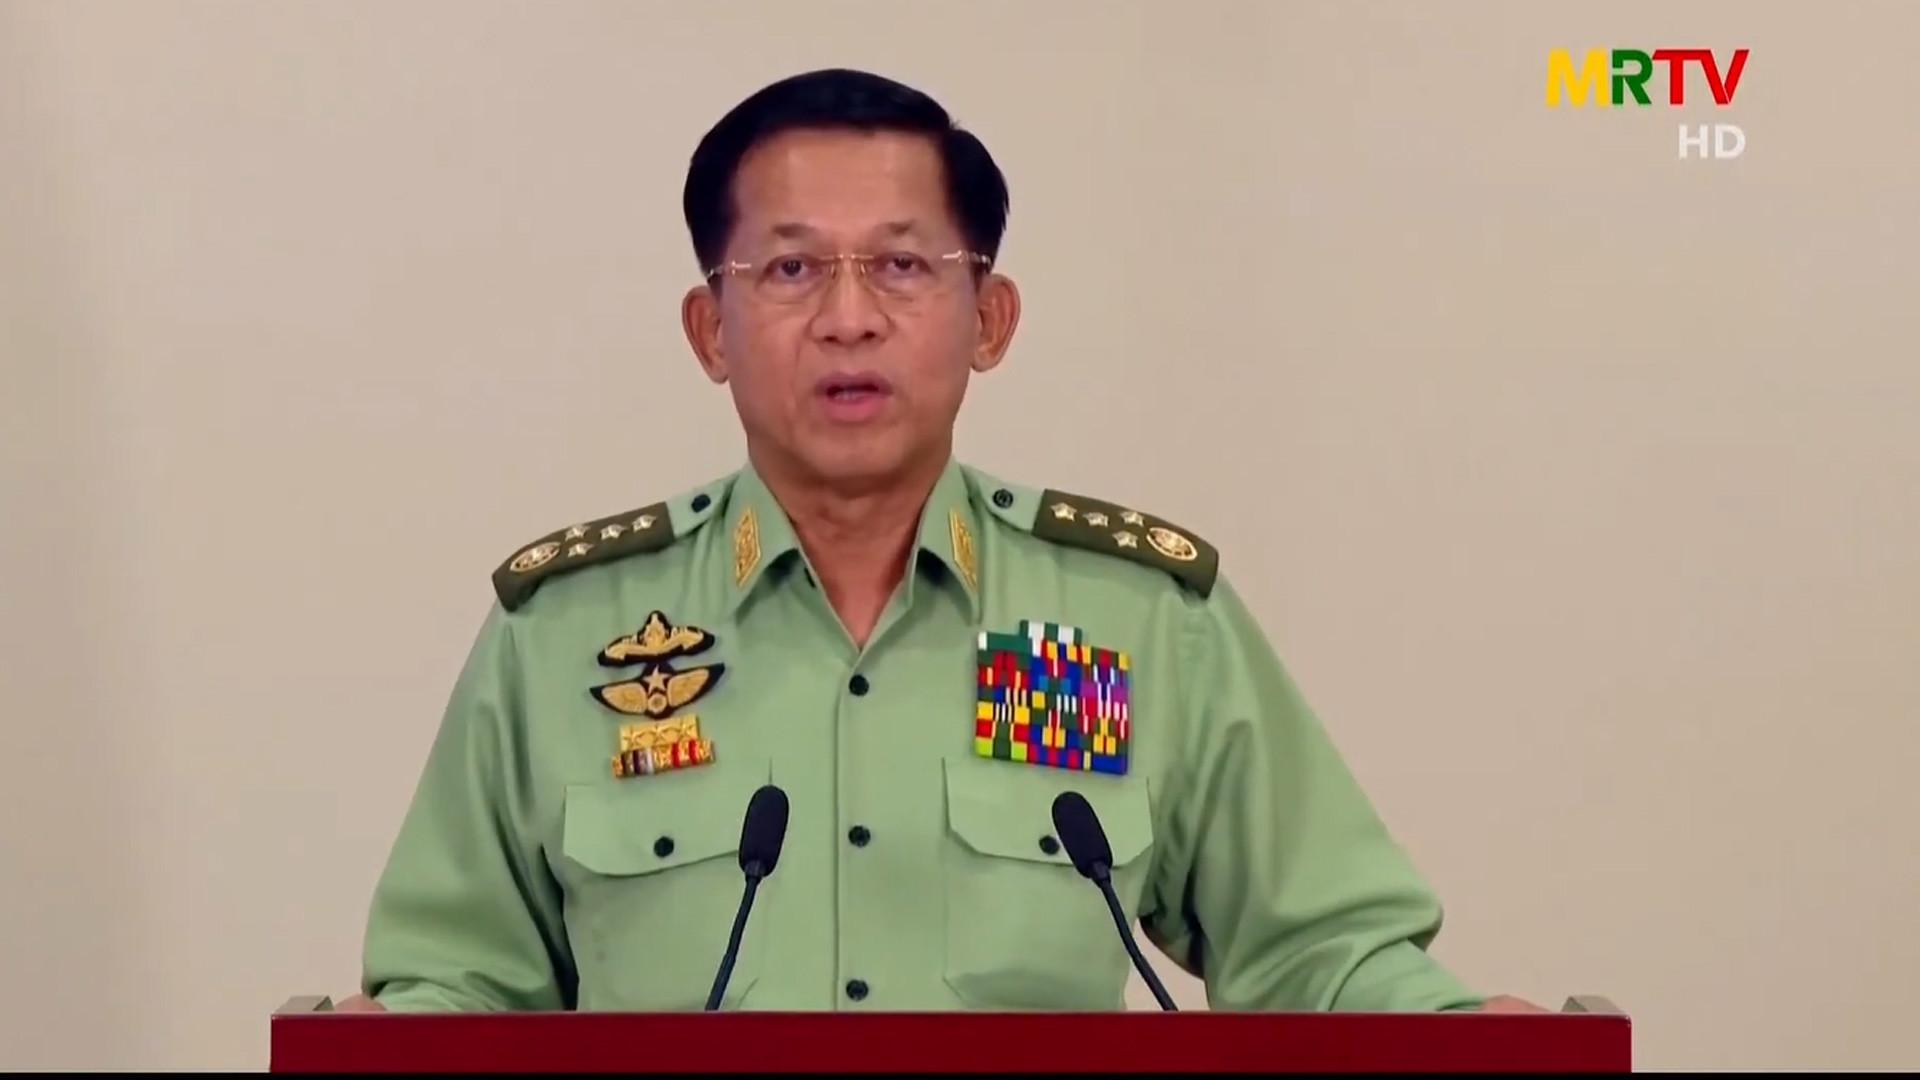 พล.อ.อาวุโส มินอ่องหลาย ผู้บัญชาการกองทัพพม่า แถลงเมื่อ 8 ก.พ. 64 (ที่มา: MRTV)